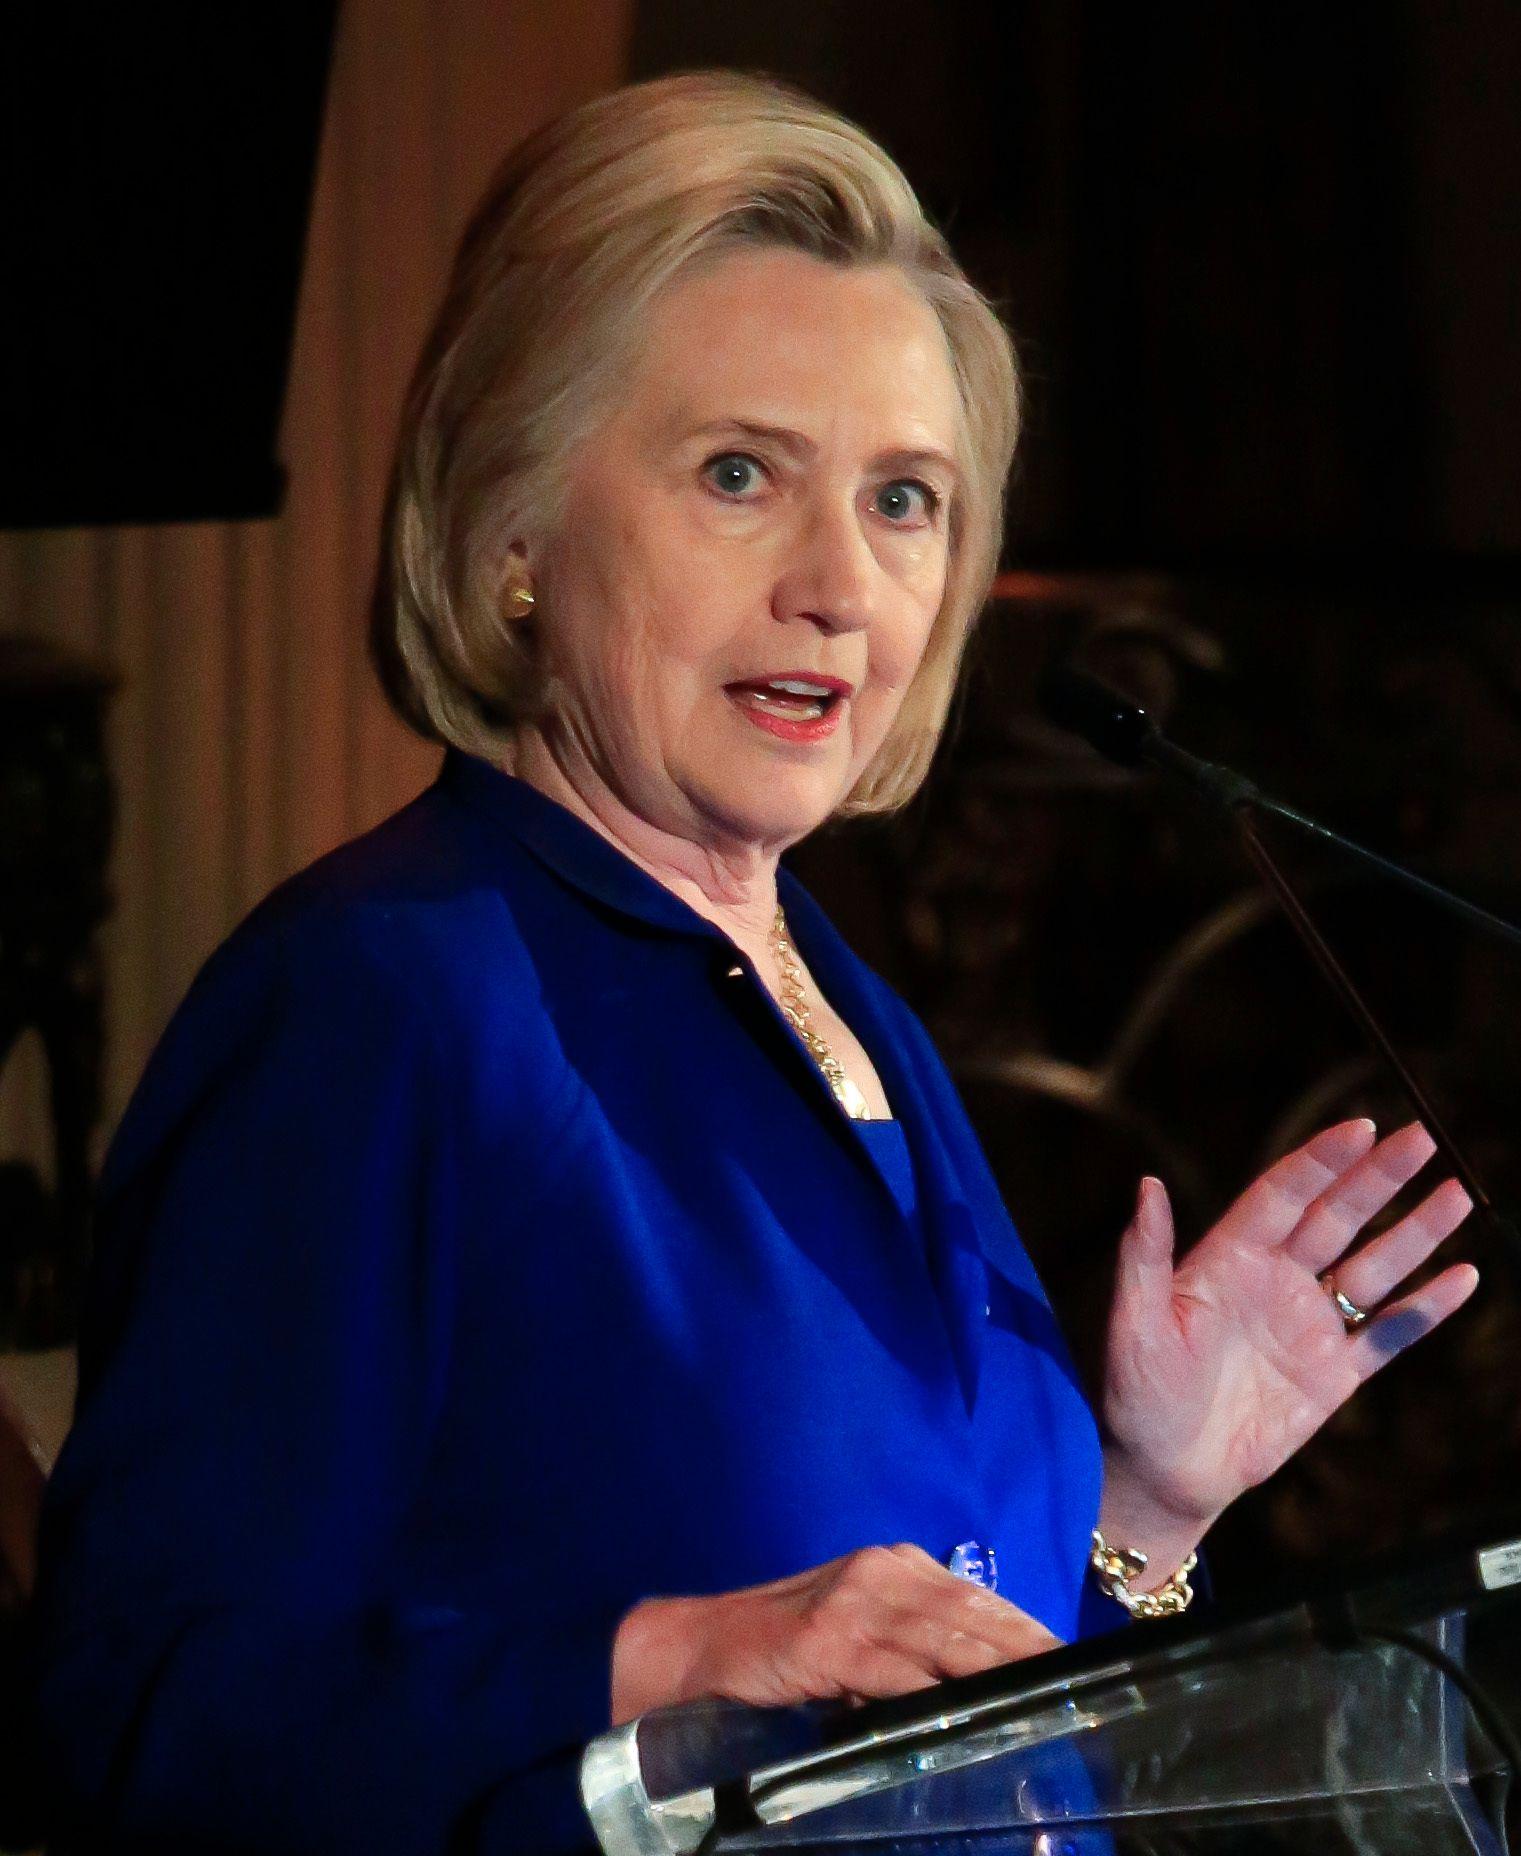 OPPRØRT: Hillary Clinton var tydelig opprørt over det som skjer på grensen mellom Mexico og USA i disse dager, under talen på et kvinneforum i New York mandag.